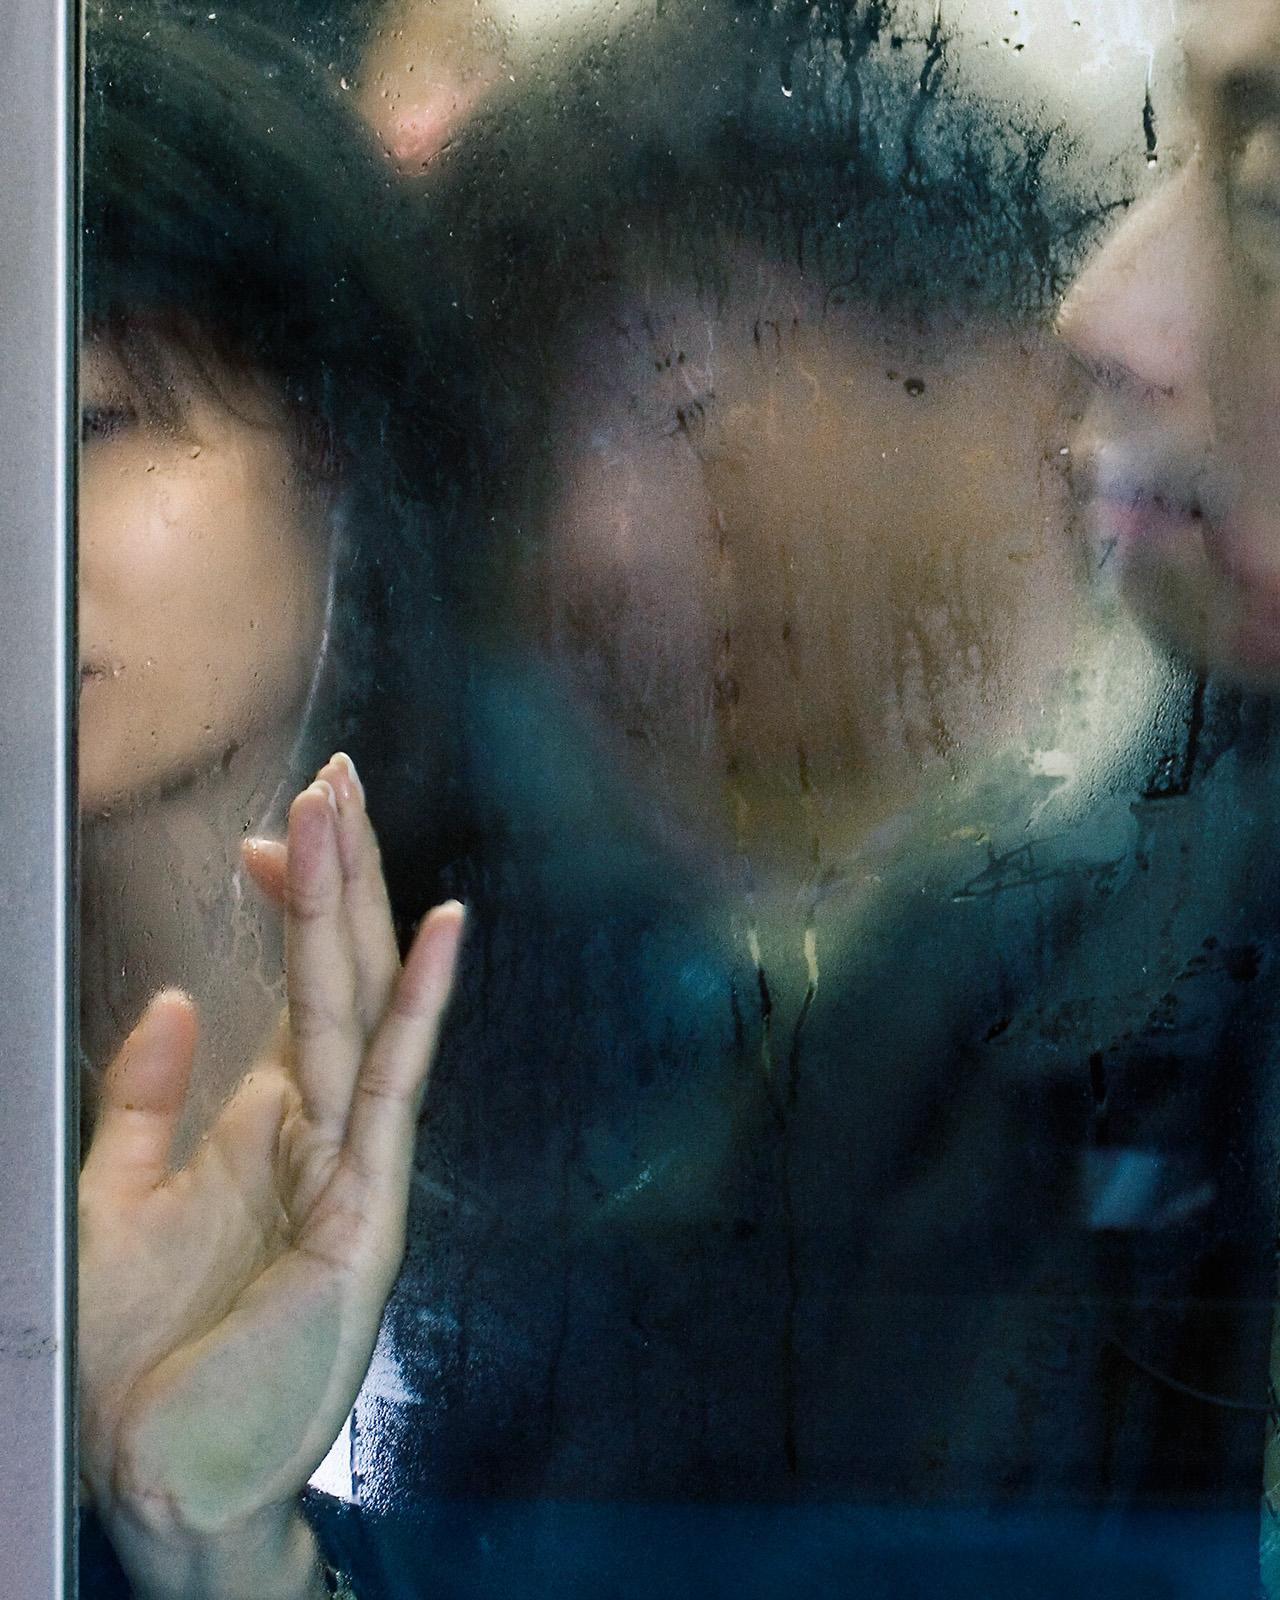 Прижался в автобусе 1 фотография